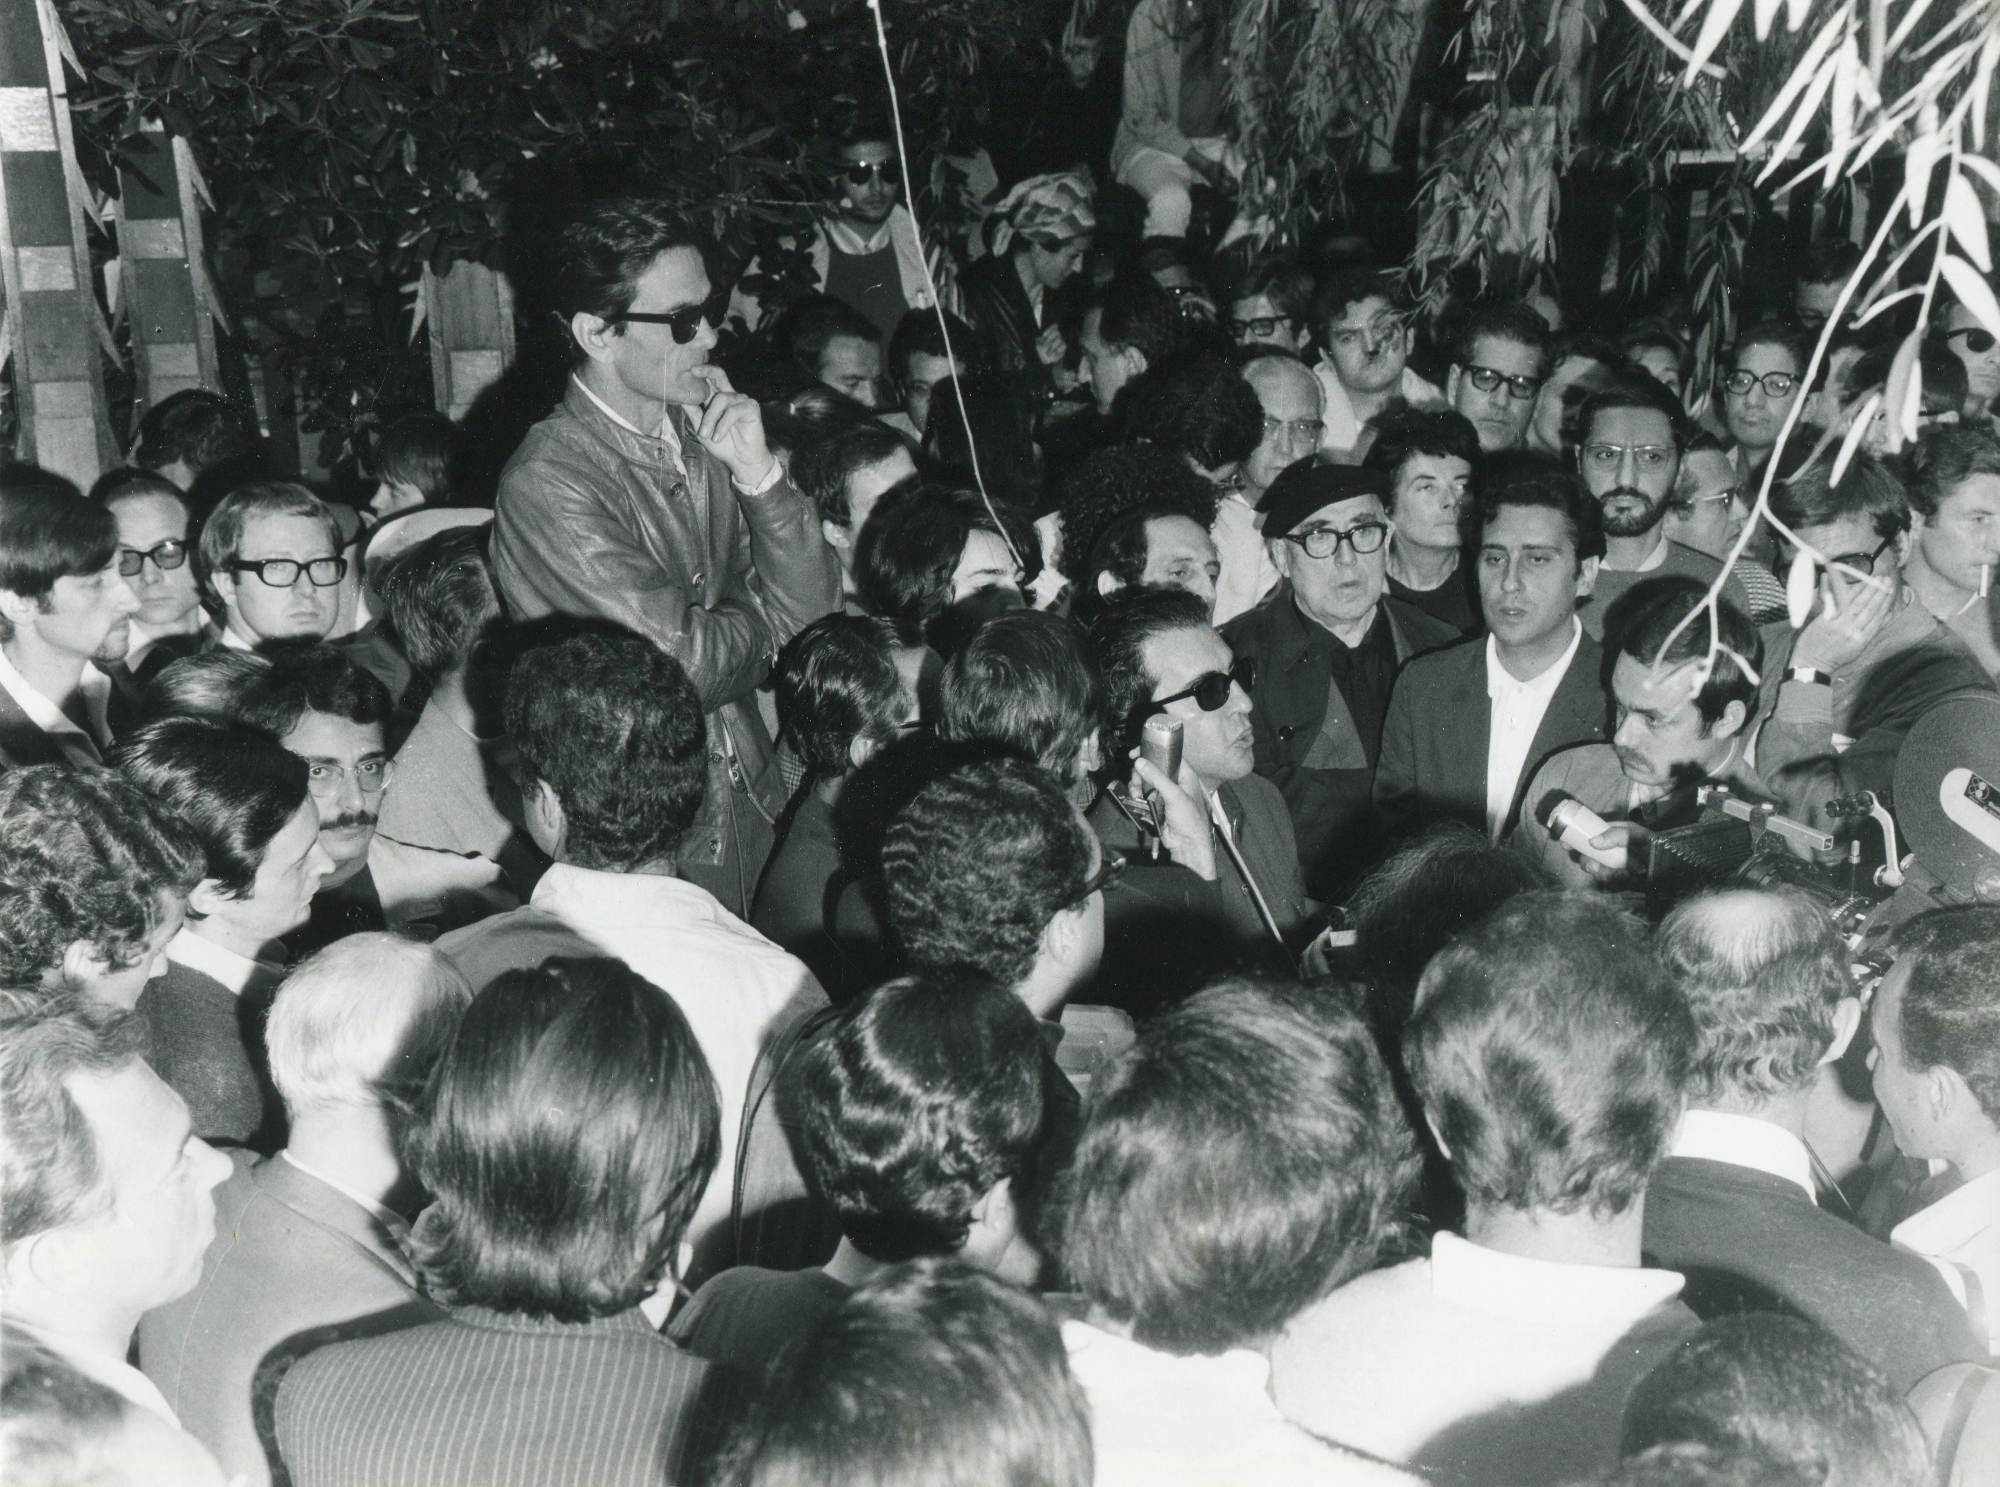 cinema3_f_cinema_contestazione_pier_paolo_pasolini_foto_giacomelli_C_444_1968_2_6_recto